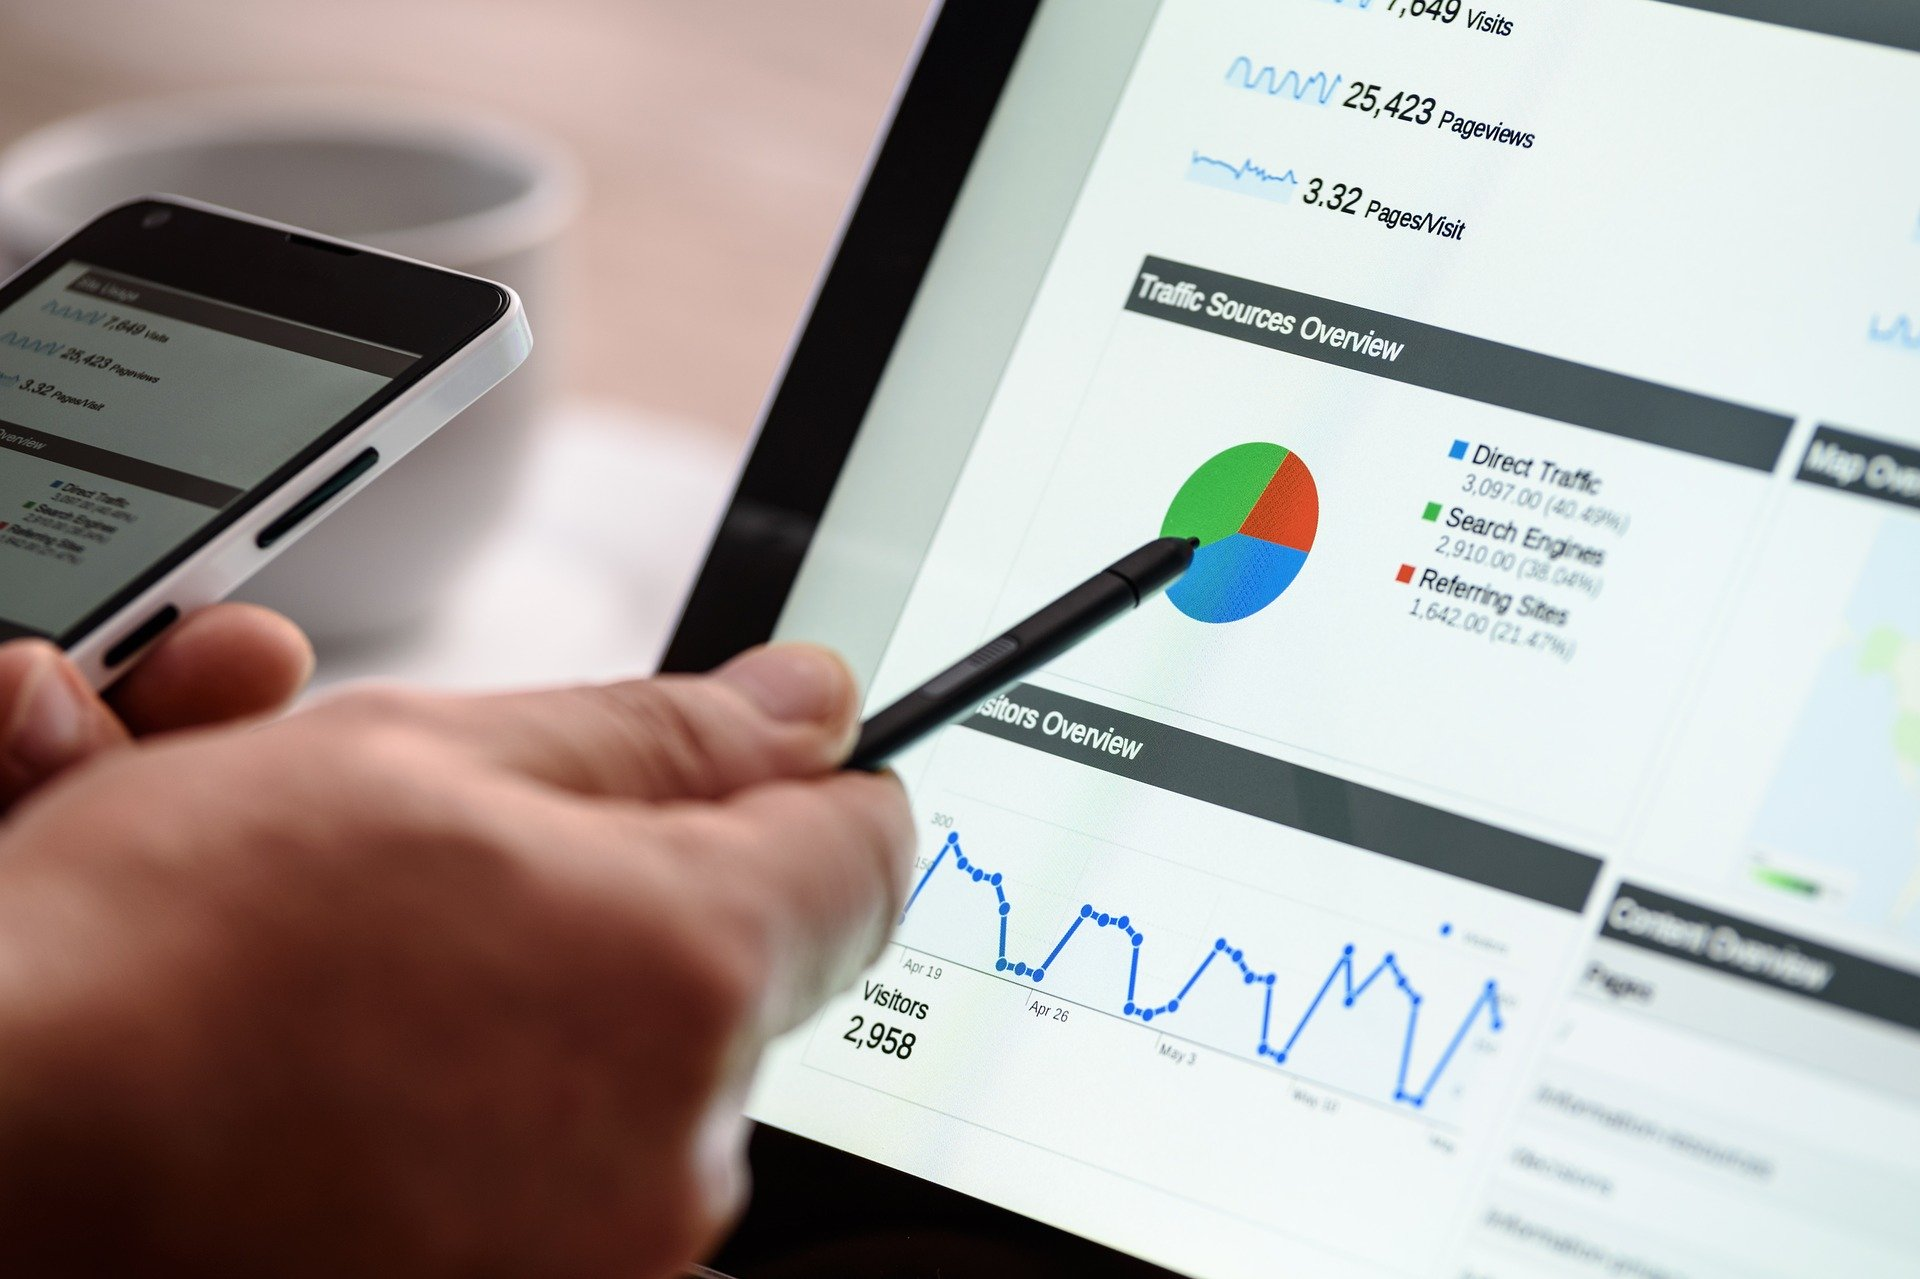 SEO services analytics